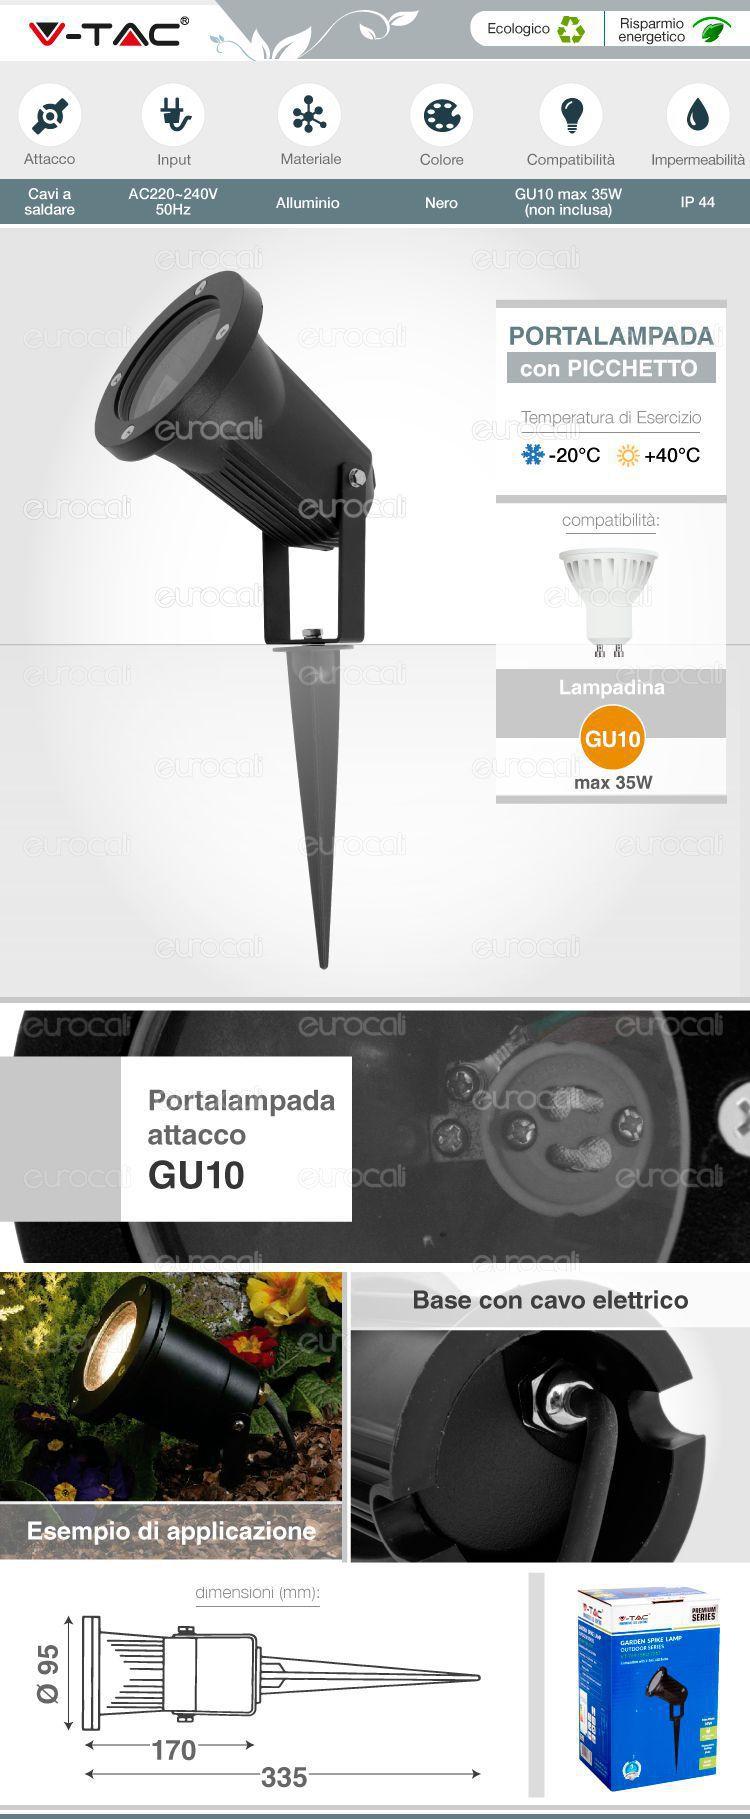 Vt 769 portalampada v tac con picchetto per lampadine gu10 for Portalampada led